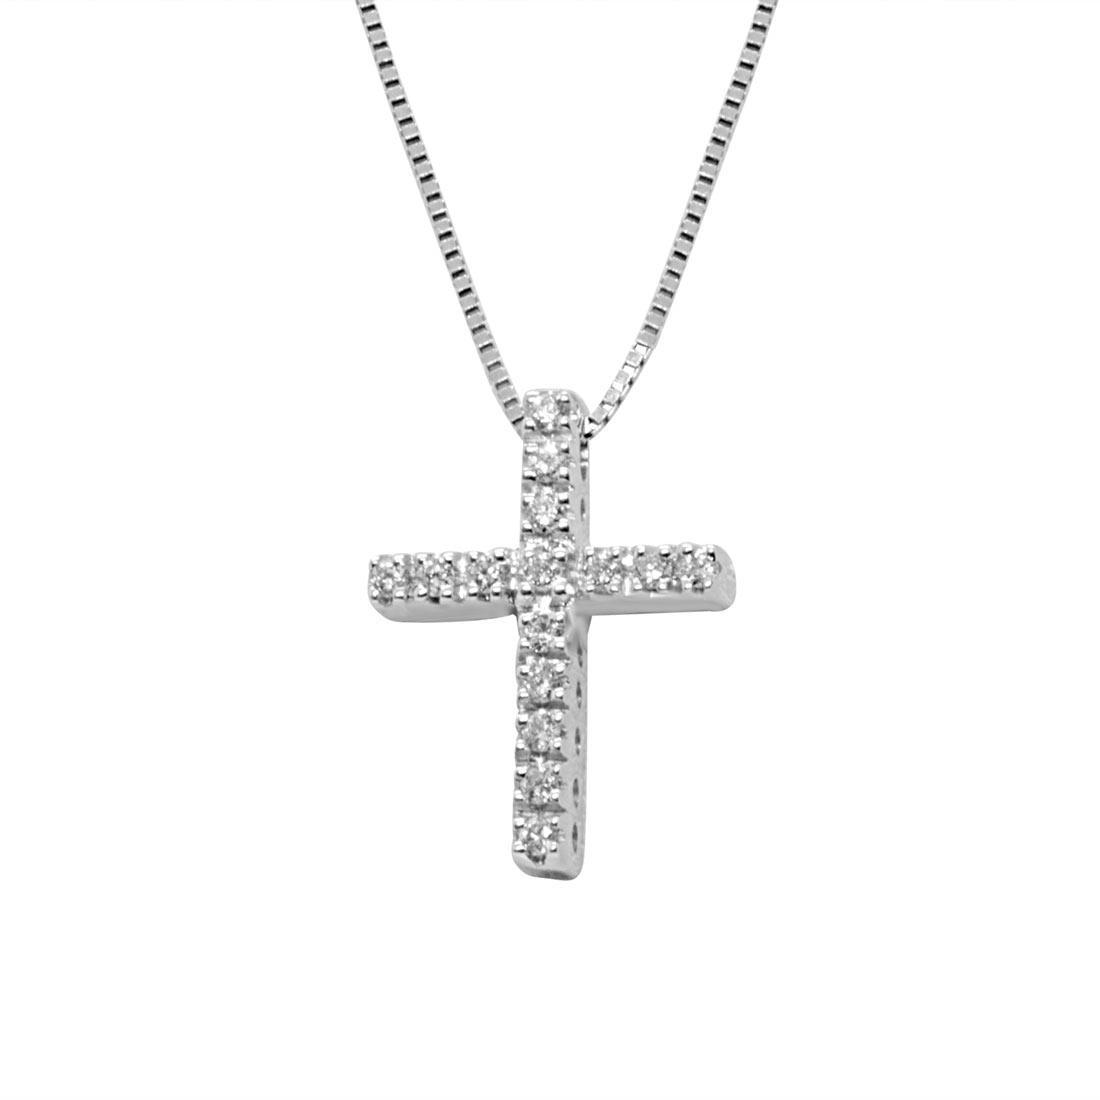 Collana in oro bianco con croce 0,11 ct - ALFIERI ST JOHN